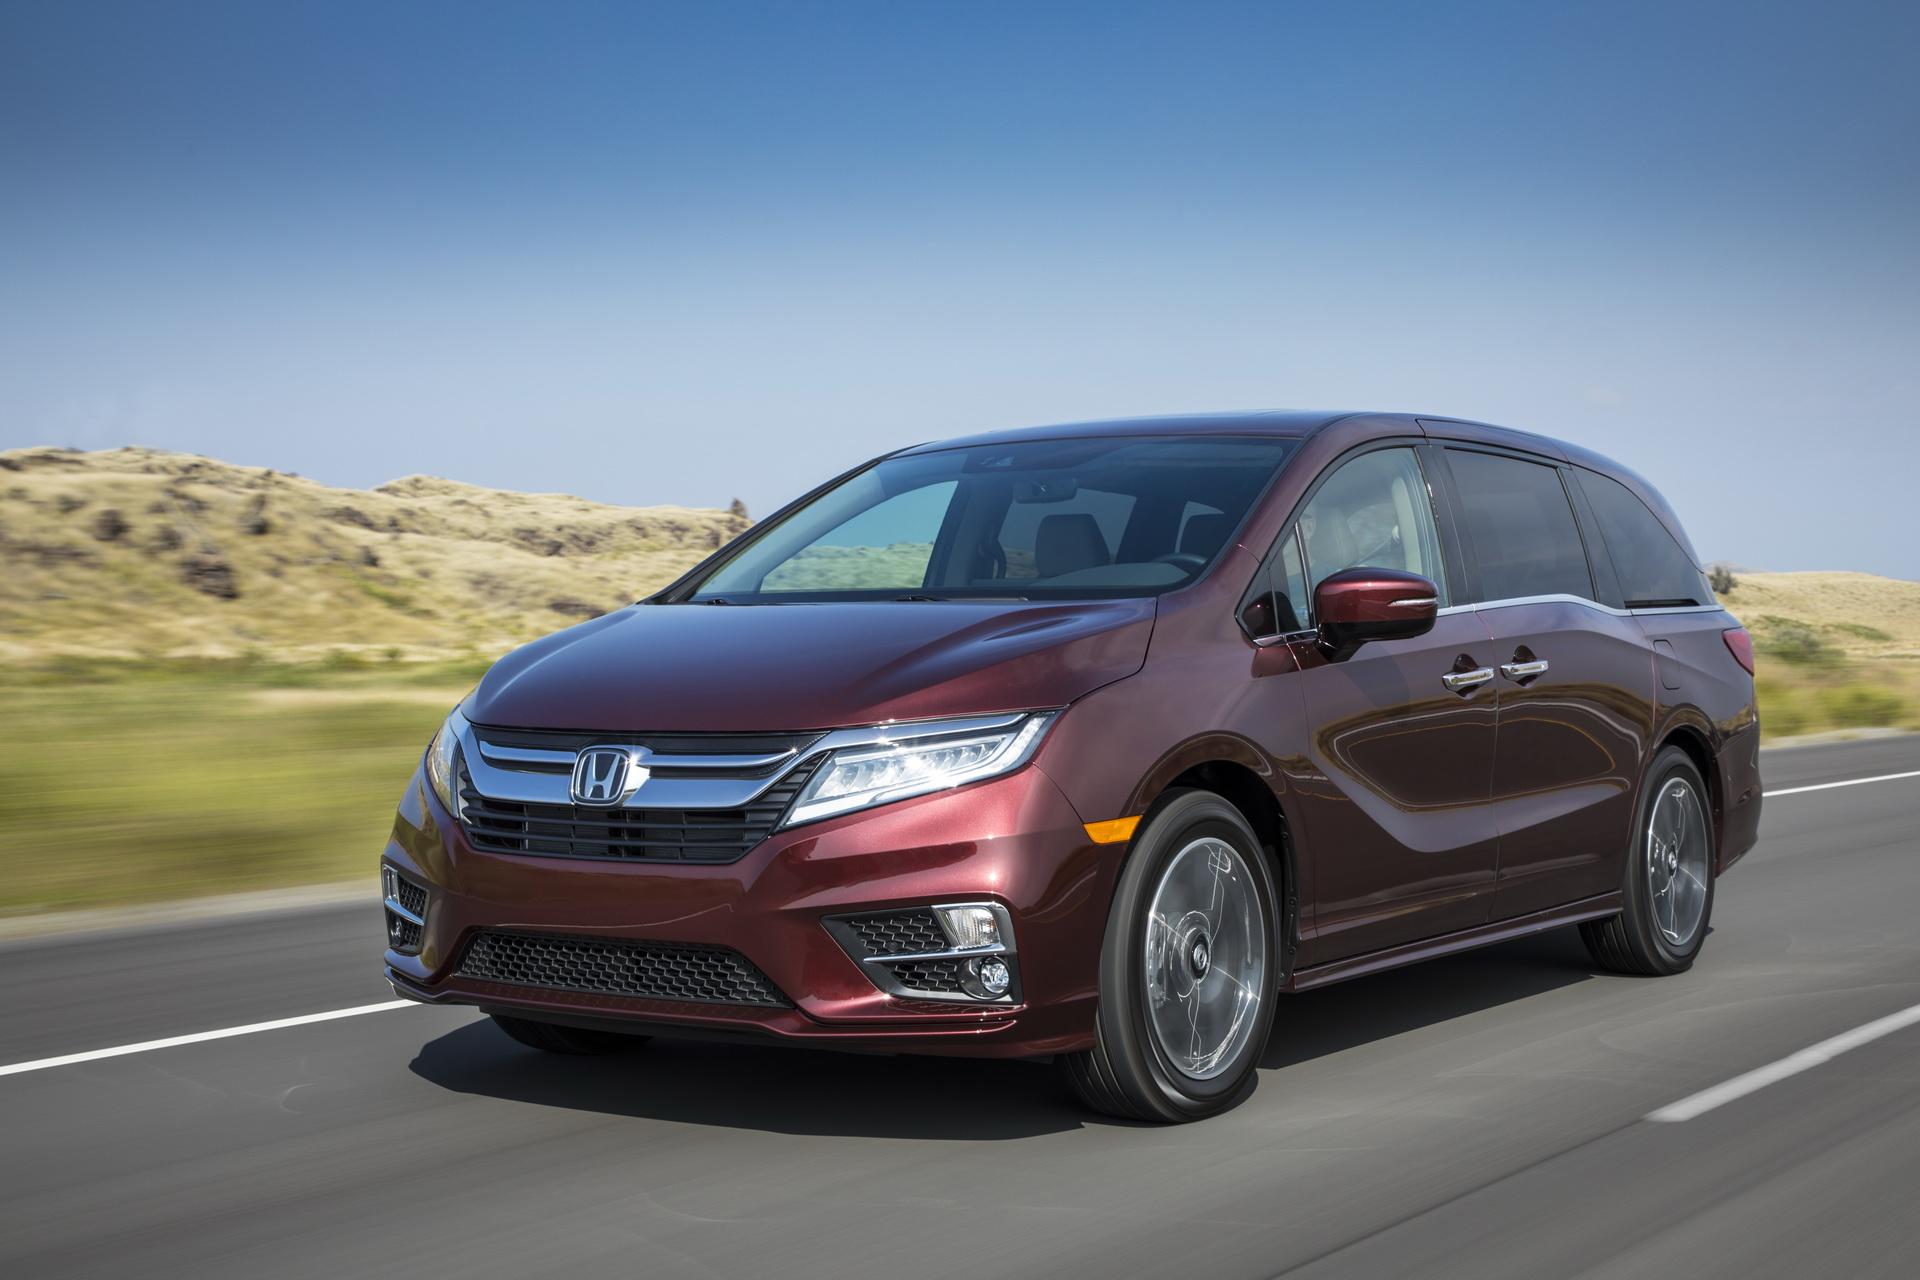 Honda Odyssey 2020 phiên bản đặc biệt nâng cấp - 30